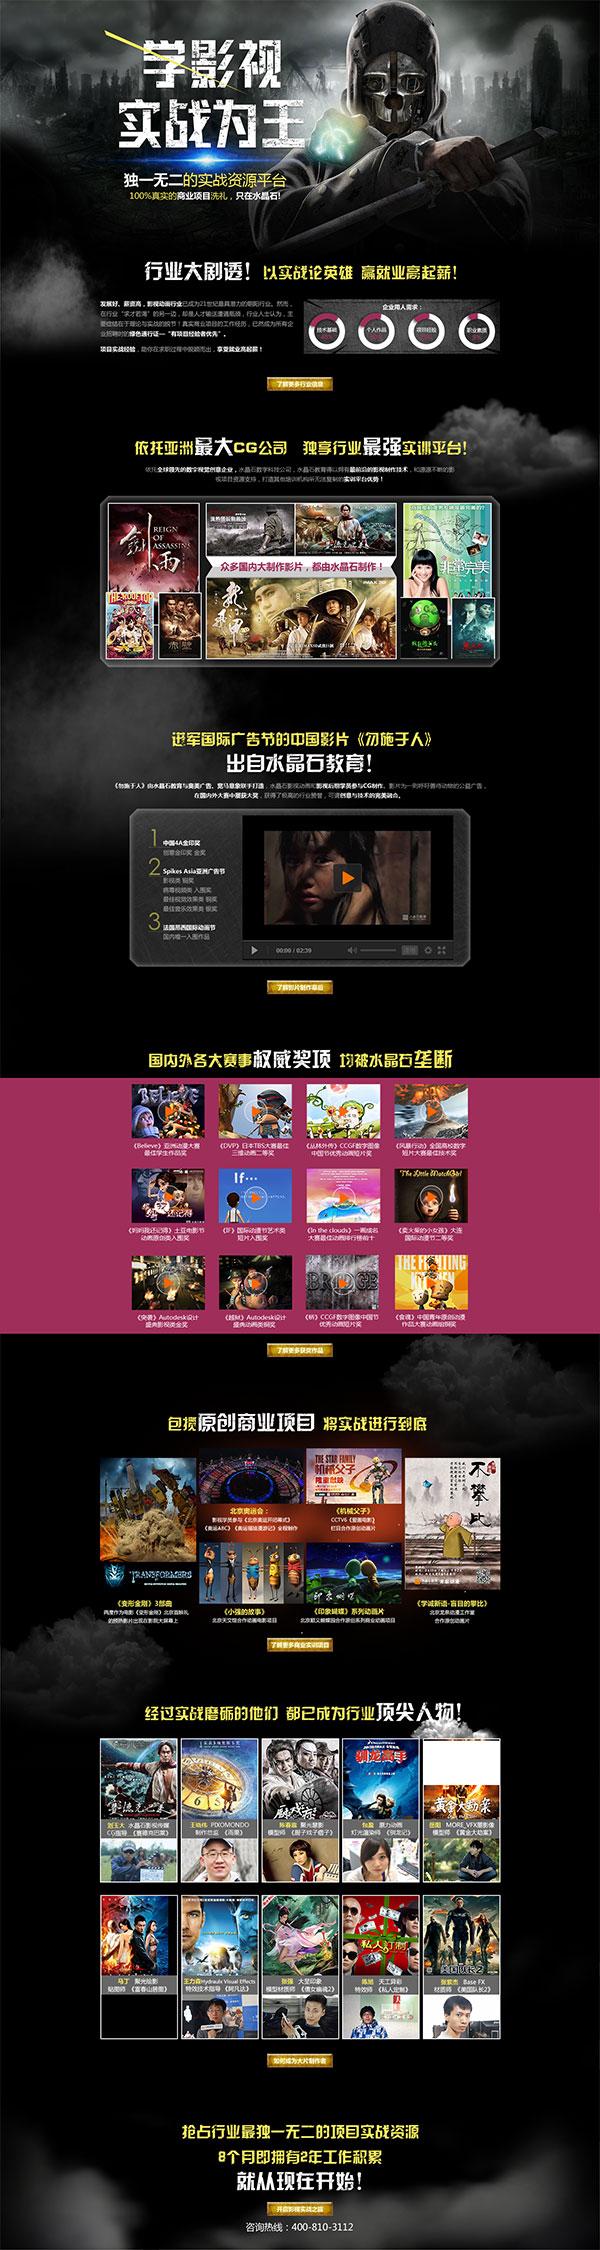 影视设计培训网站_素材中国sccnn.com